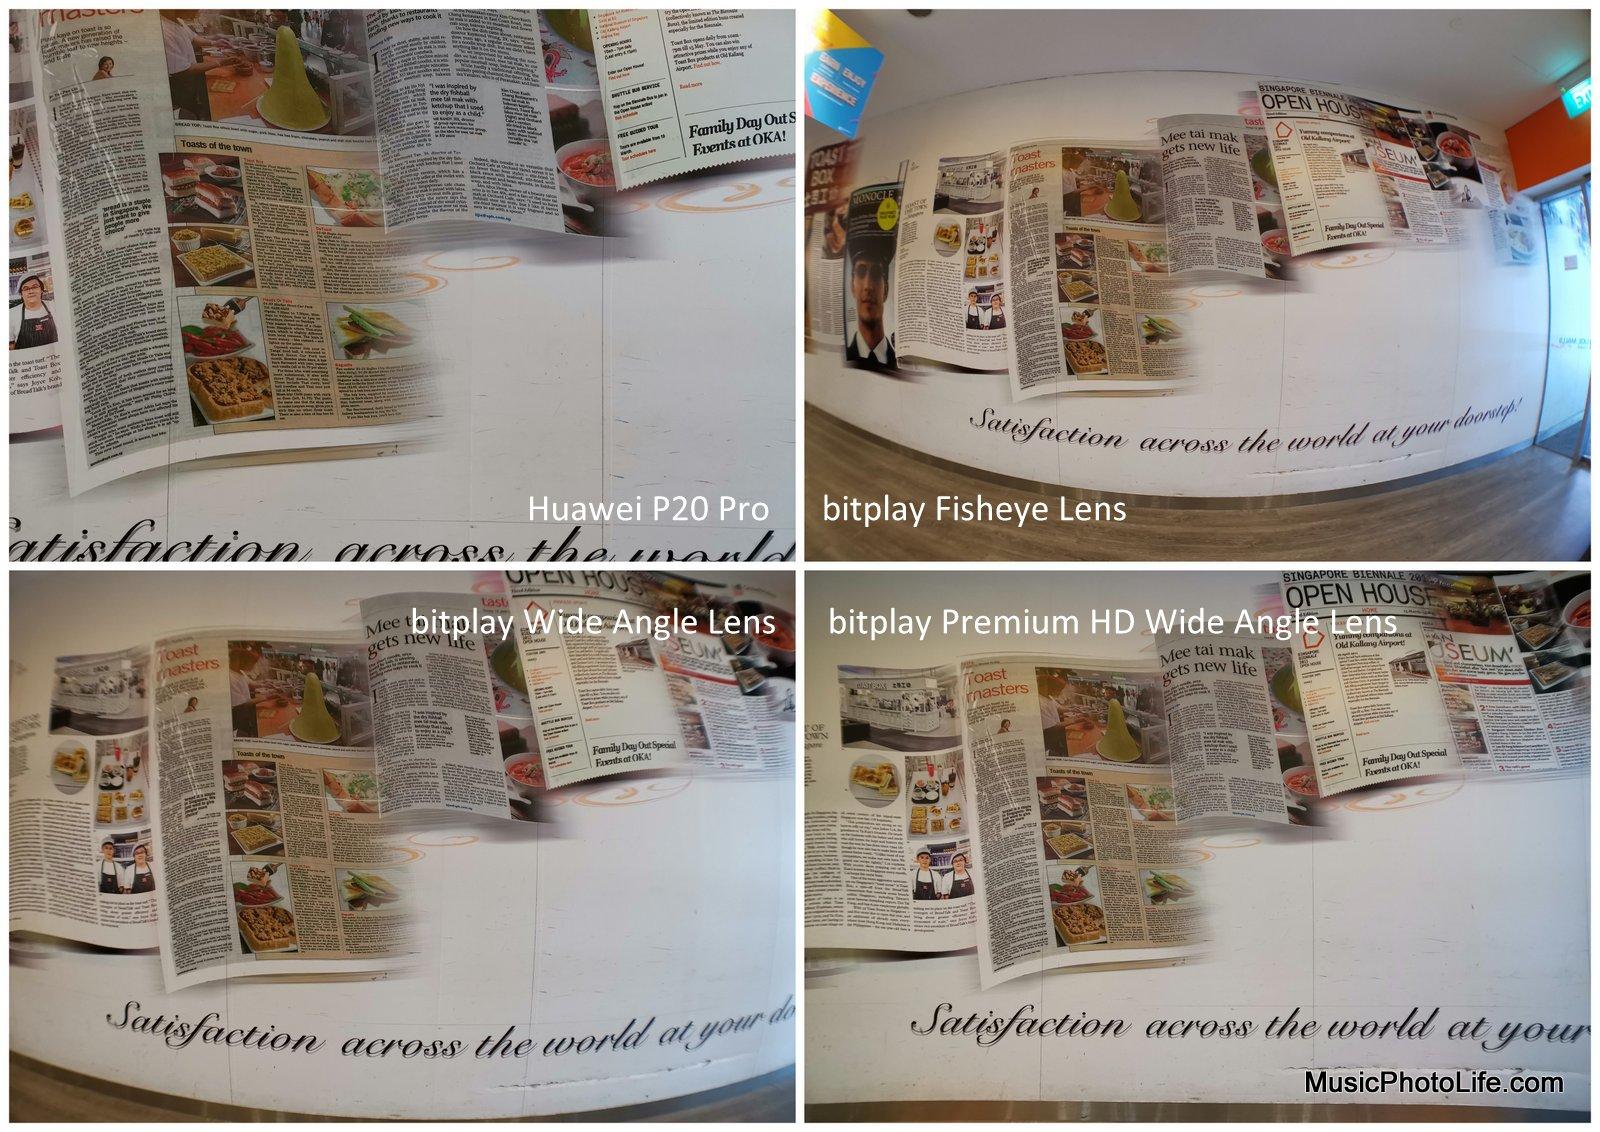 bitplay smartphone lens attachment comparison review by musicphotolife.com, Singapore consumer tech blogger